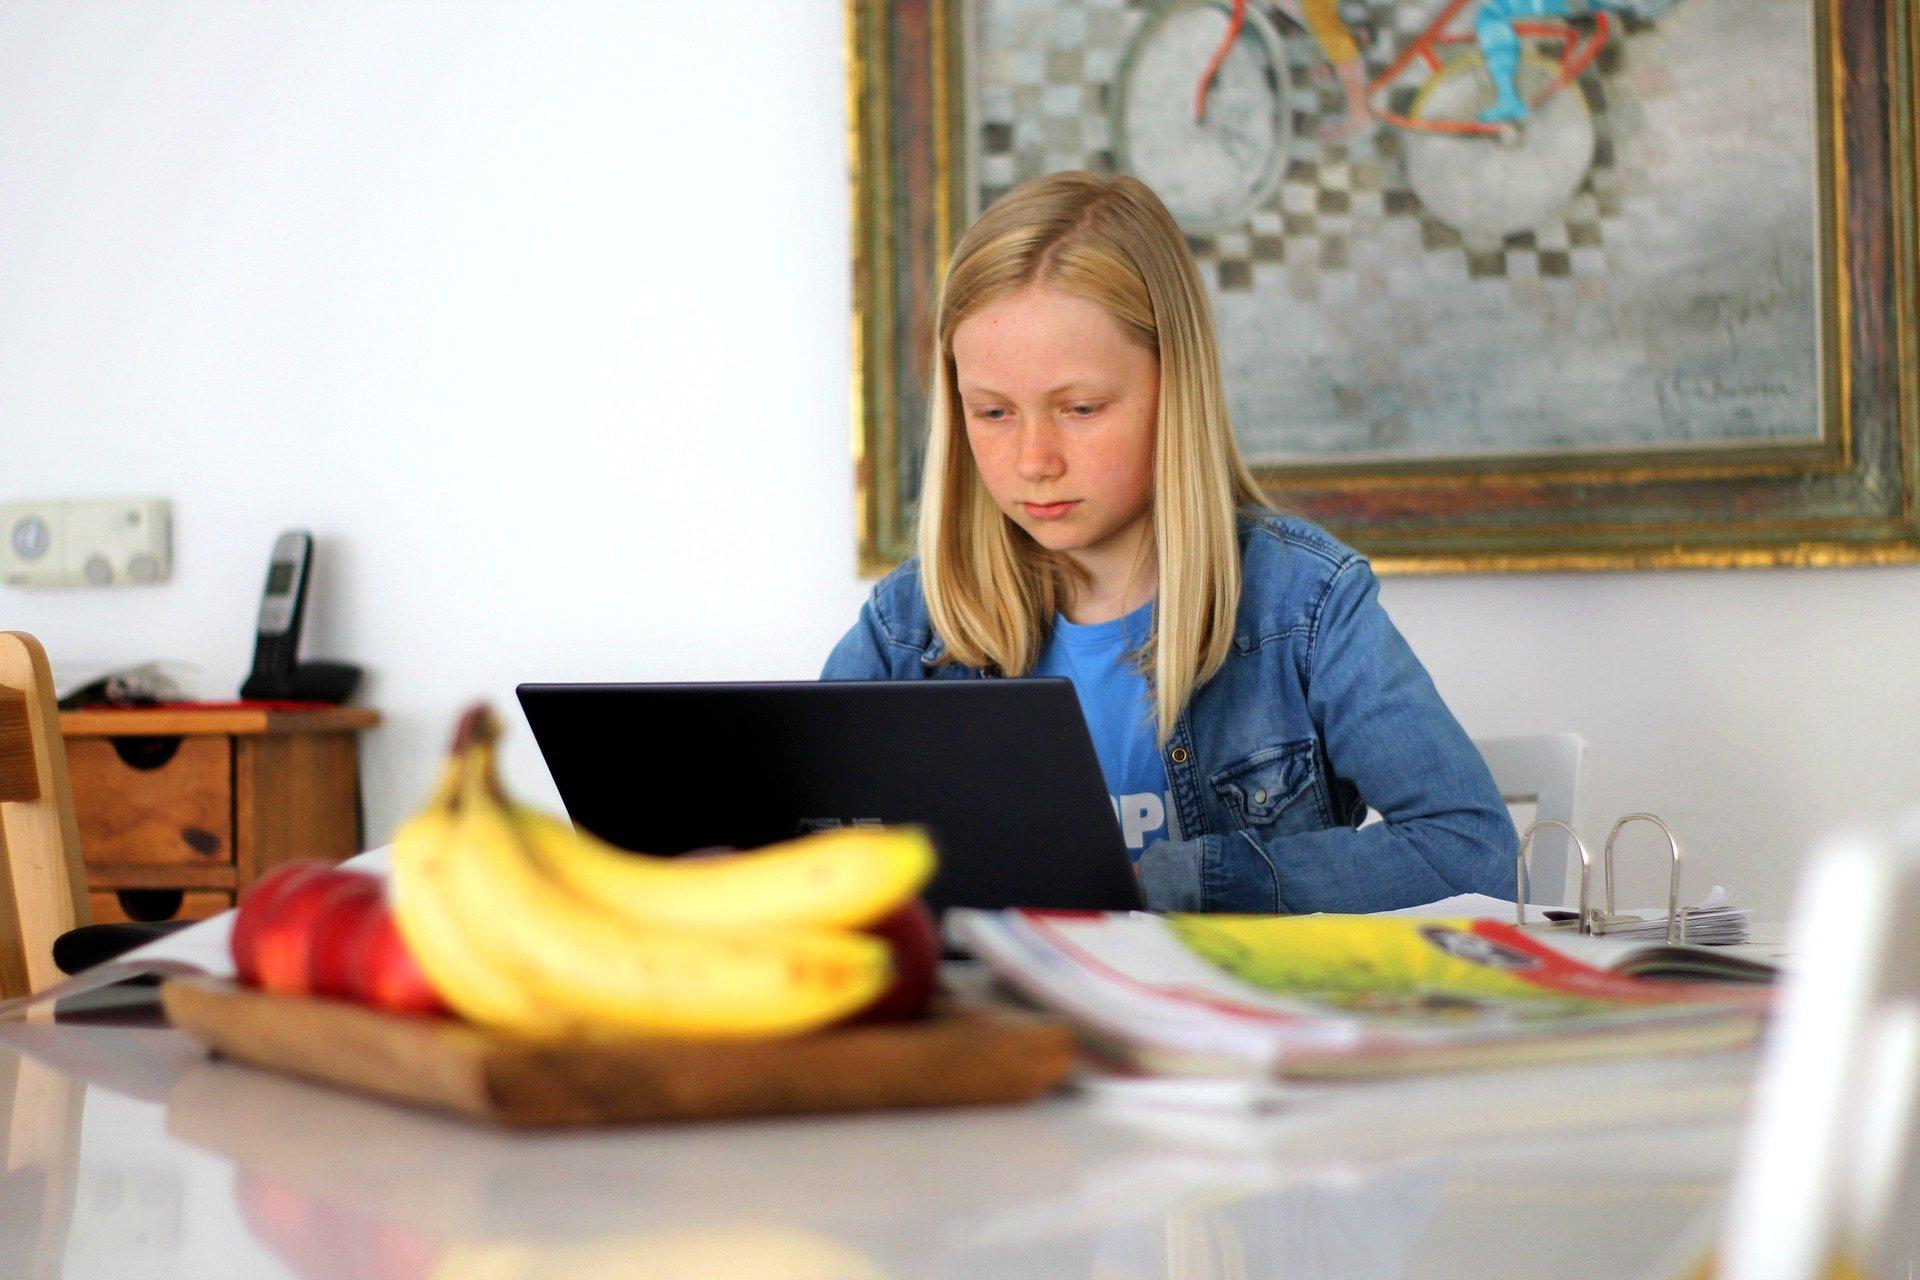 Детское онлайн-мероприятие прошло во Дворце культуры Щербинки